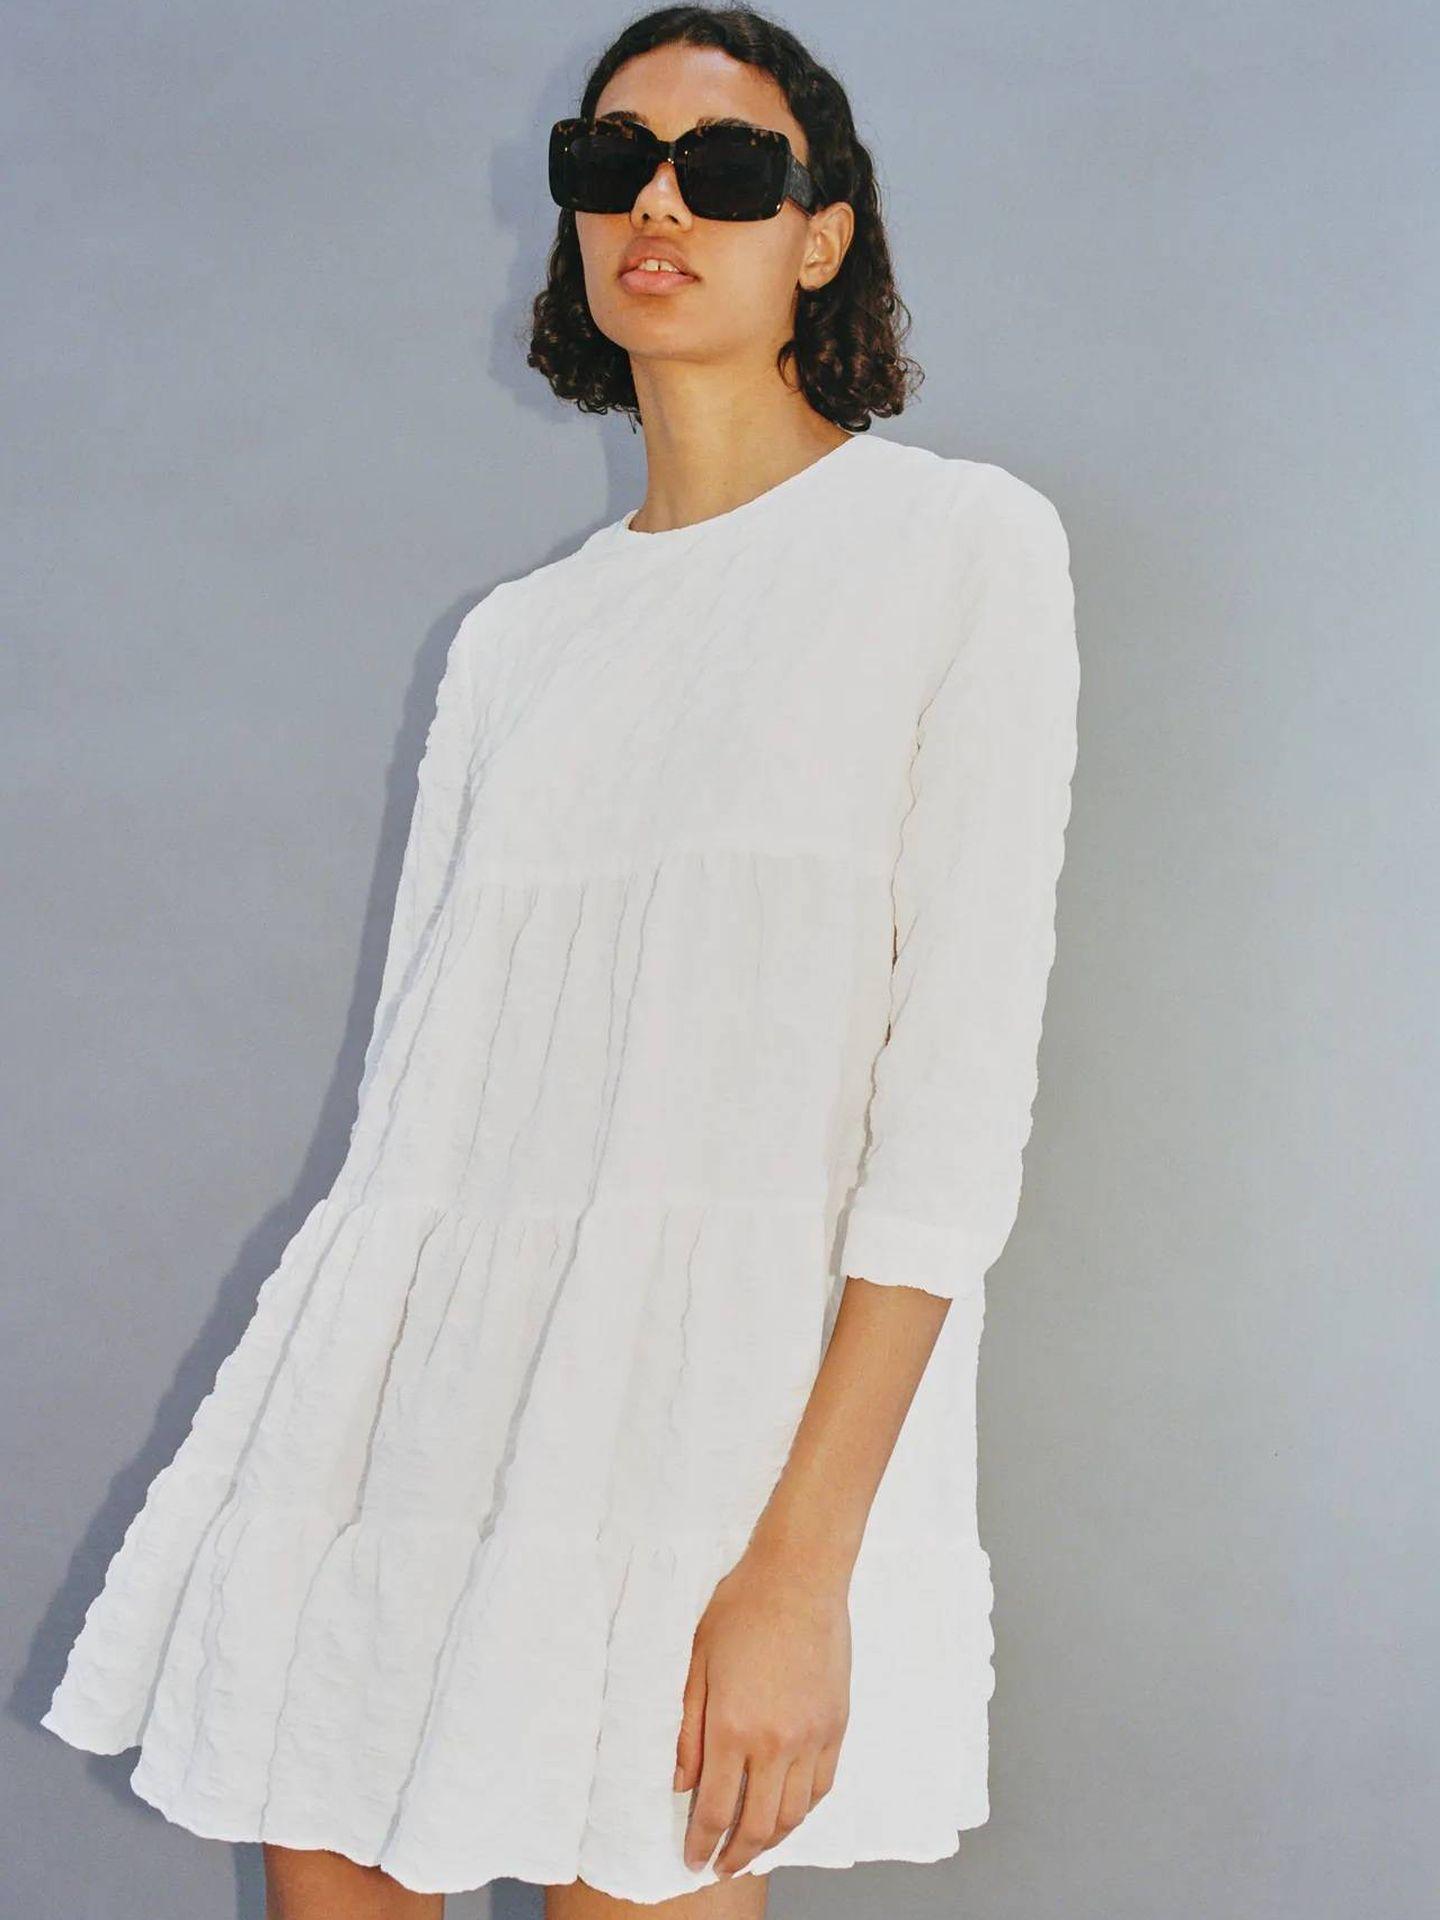 El vestido de Zara que Sofía convirtió en superventas. (Cortesía)